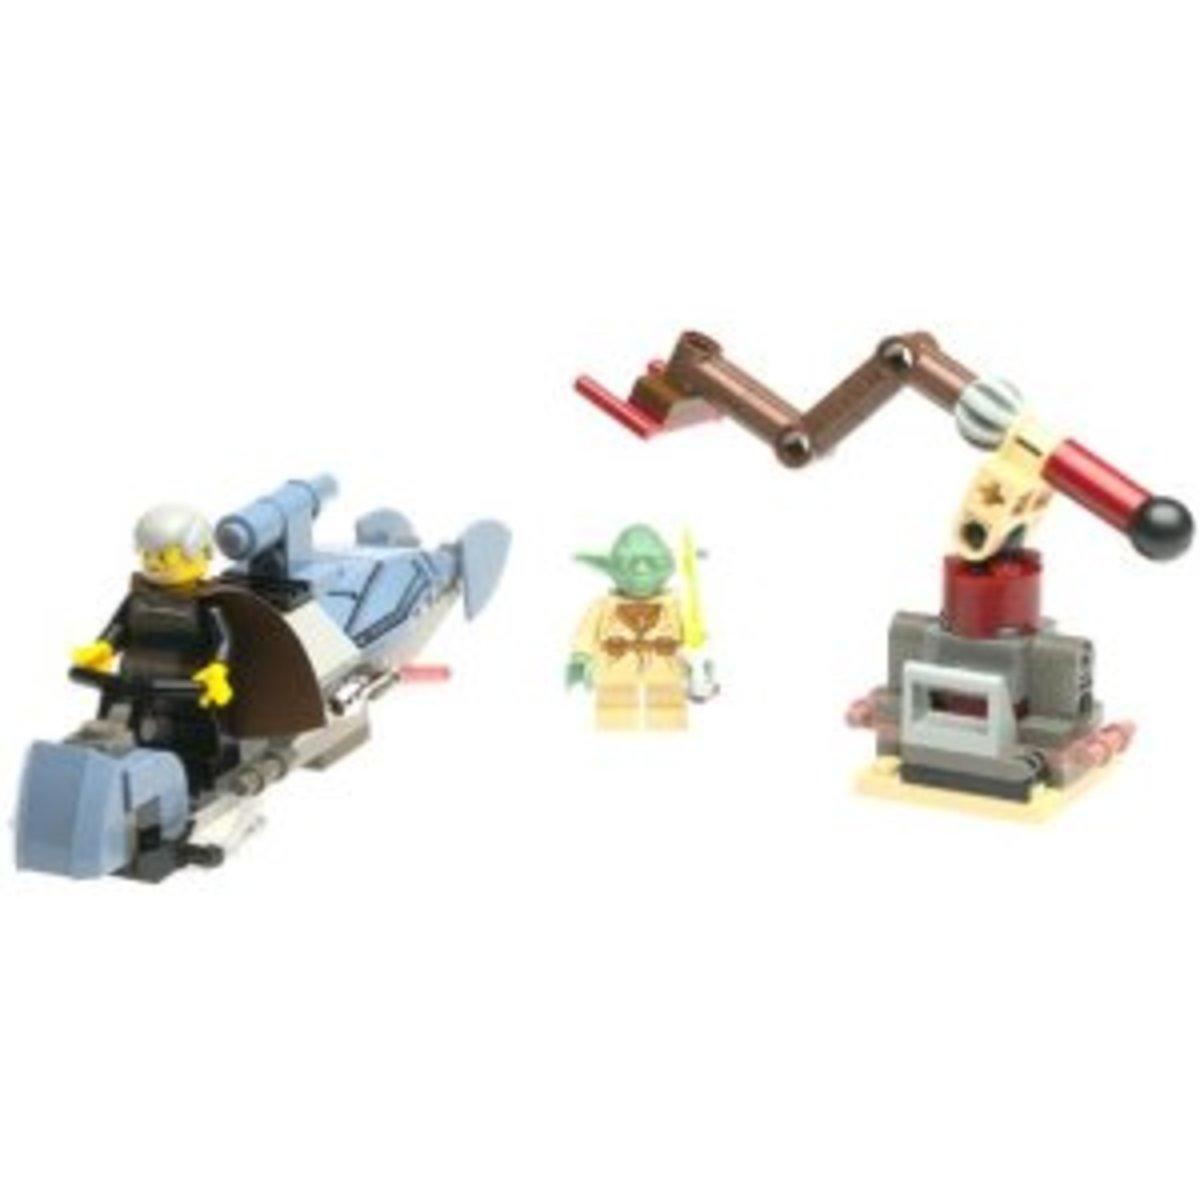 LEGO Star Wars Jedi Duel 7103 Assembled